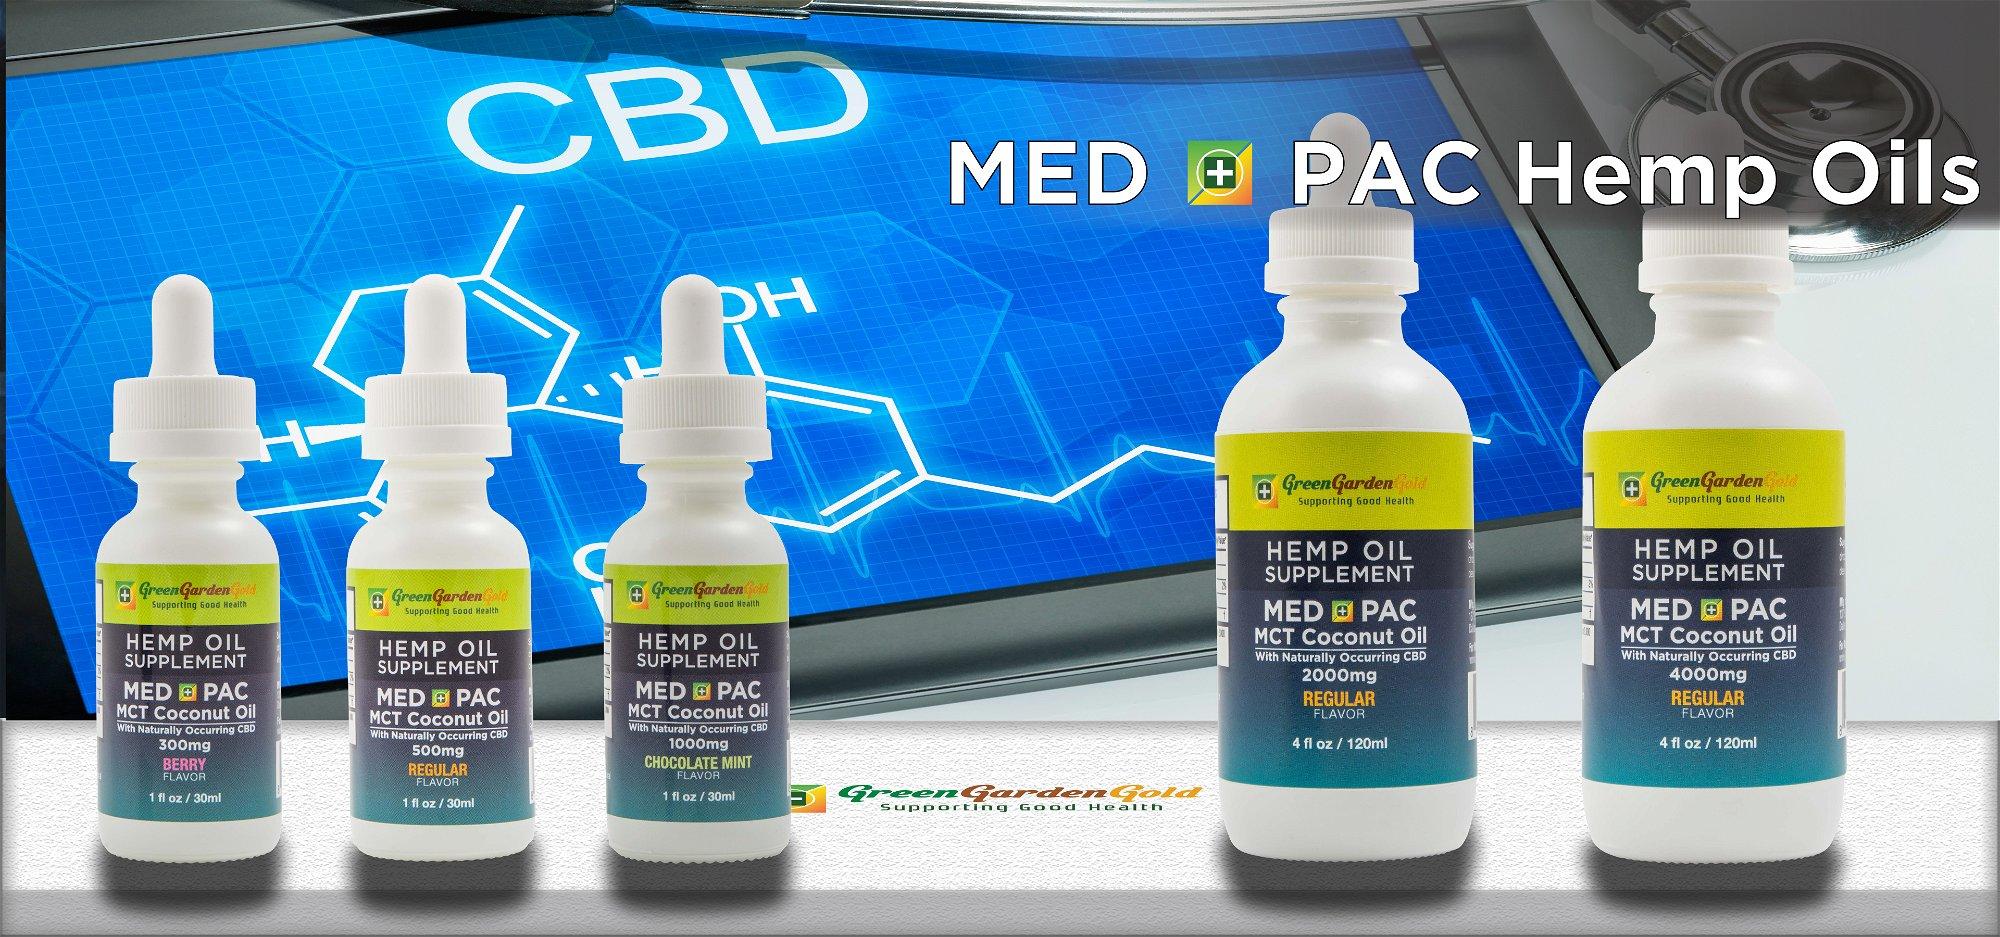 CBD, CBD Oil, Hemp Oil, Hemp, CBD Health